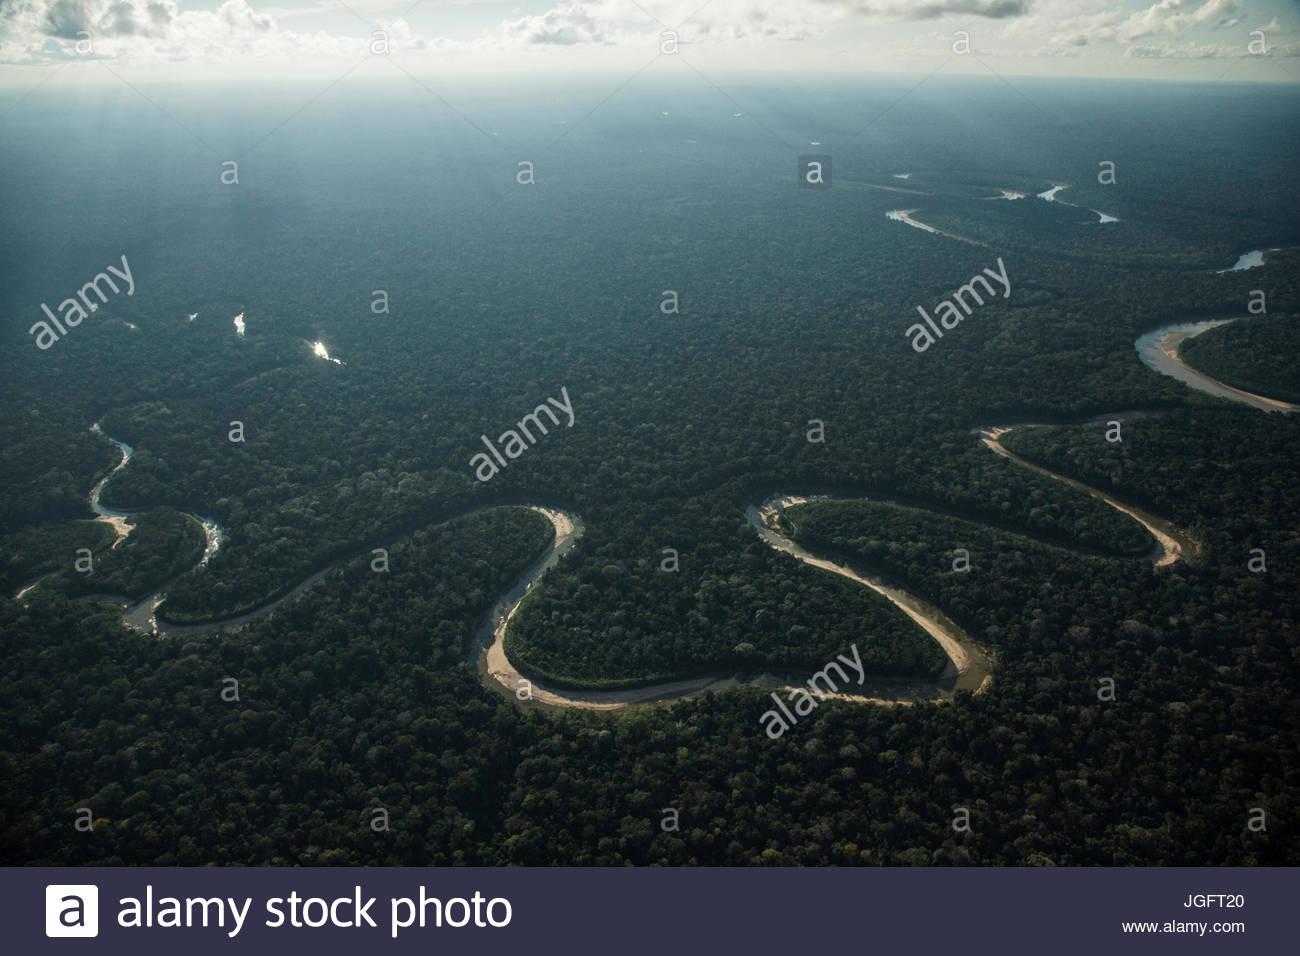 The Manu River flows in Manu National Park. - Stock Image